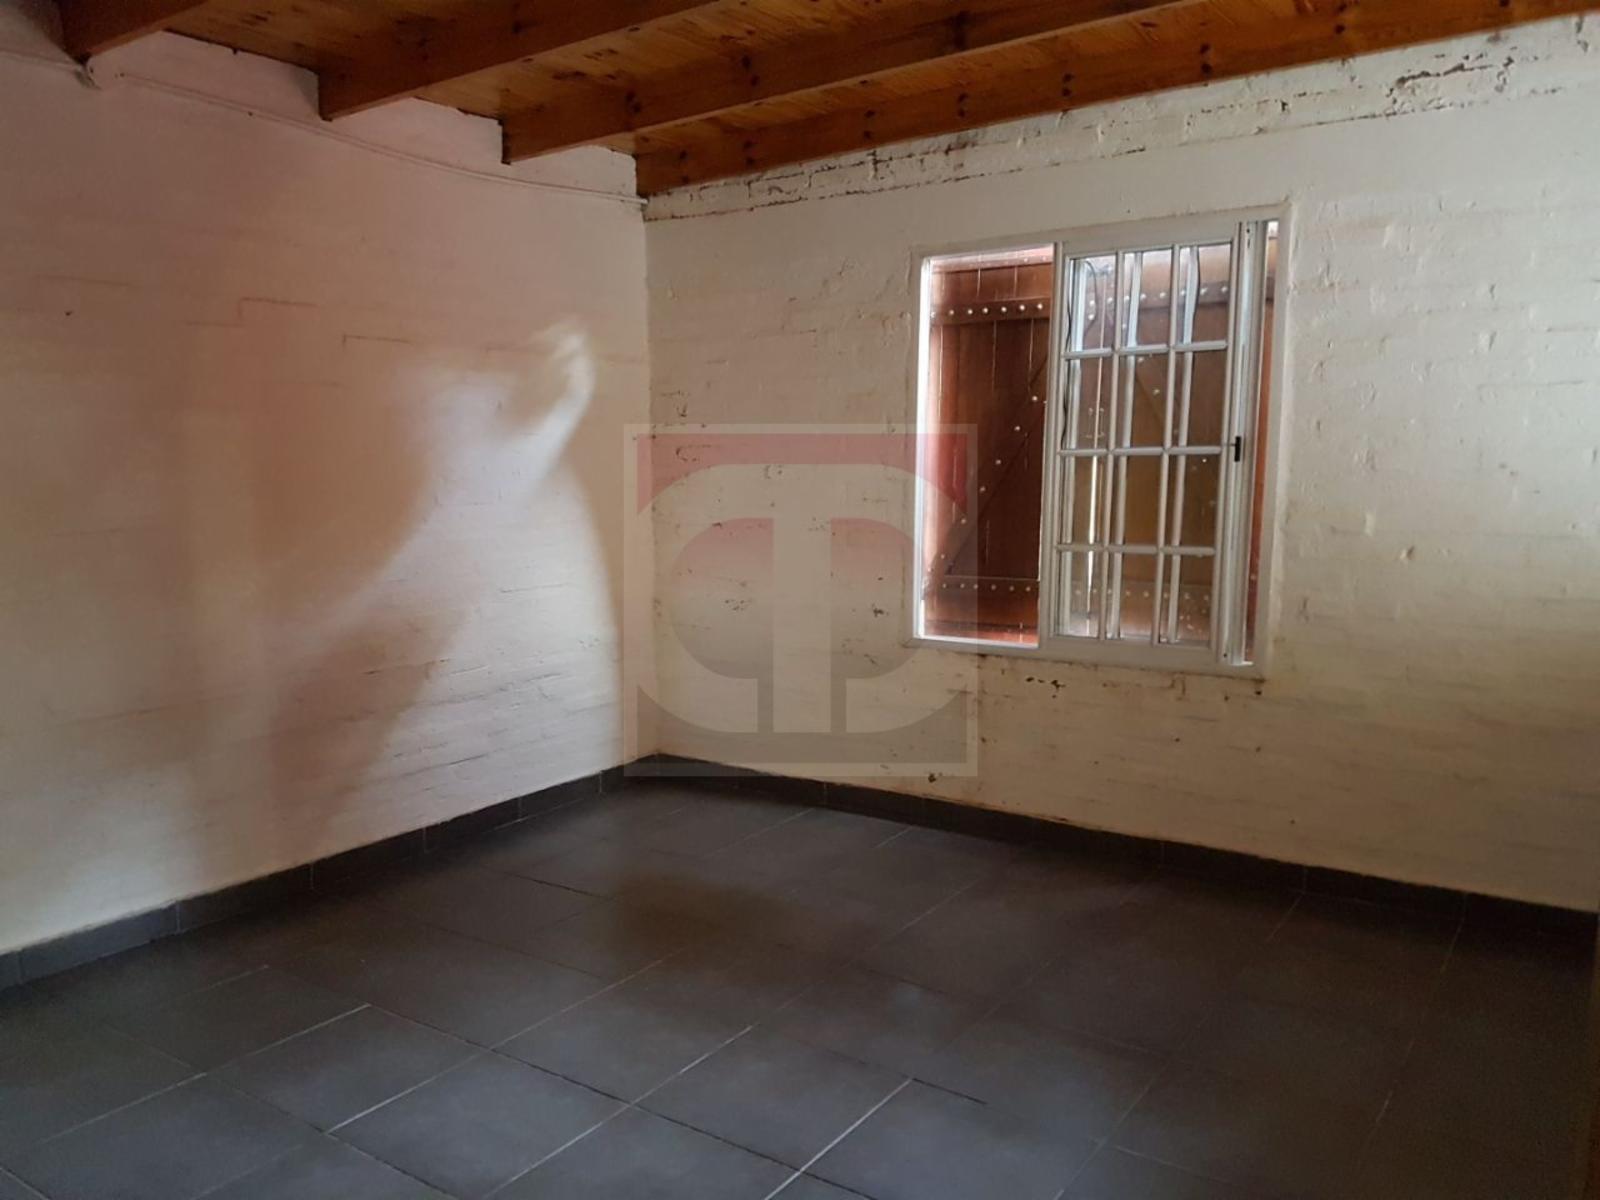 Venta casa-quinta sobre Av. Perón, DAIANA DOMINGUEZ NEGOCIOS INMOBILIARIOS